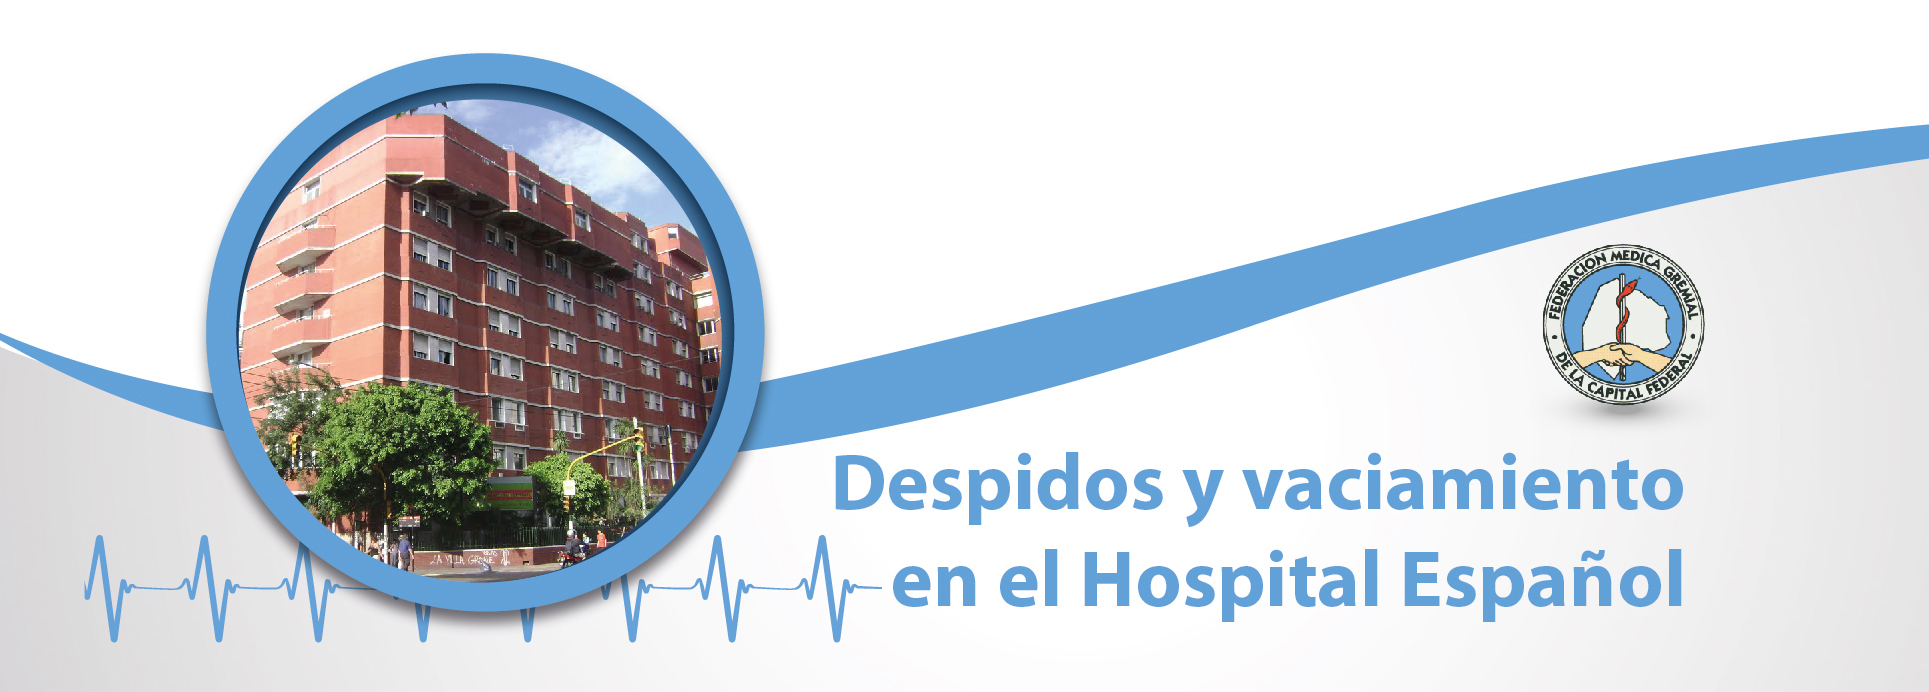 Presiones, despidos y vaciamiento en el Hospital Español